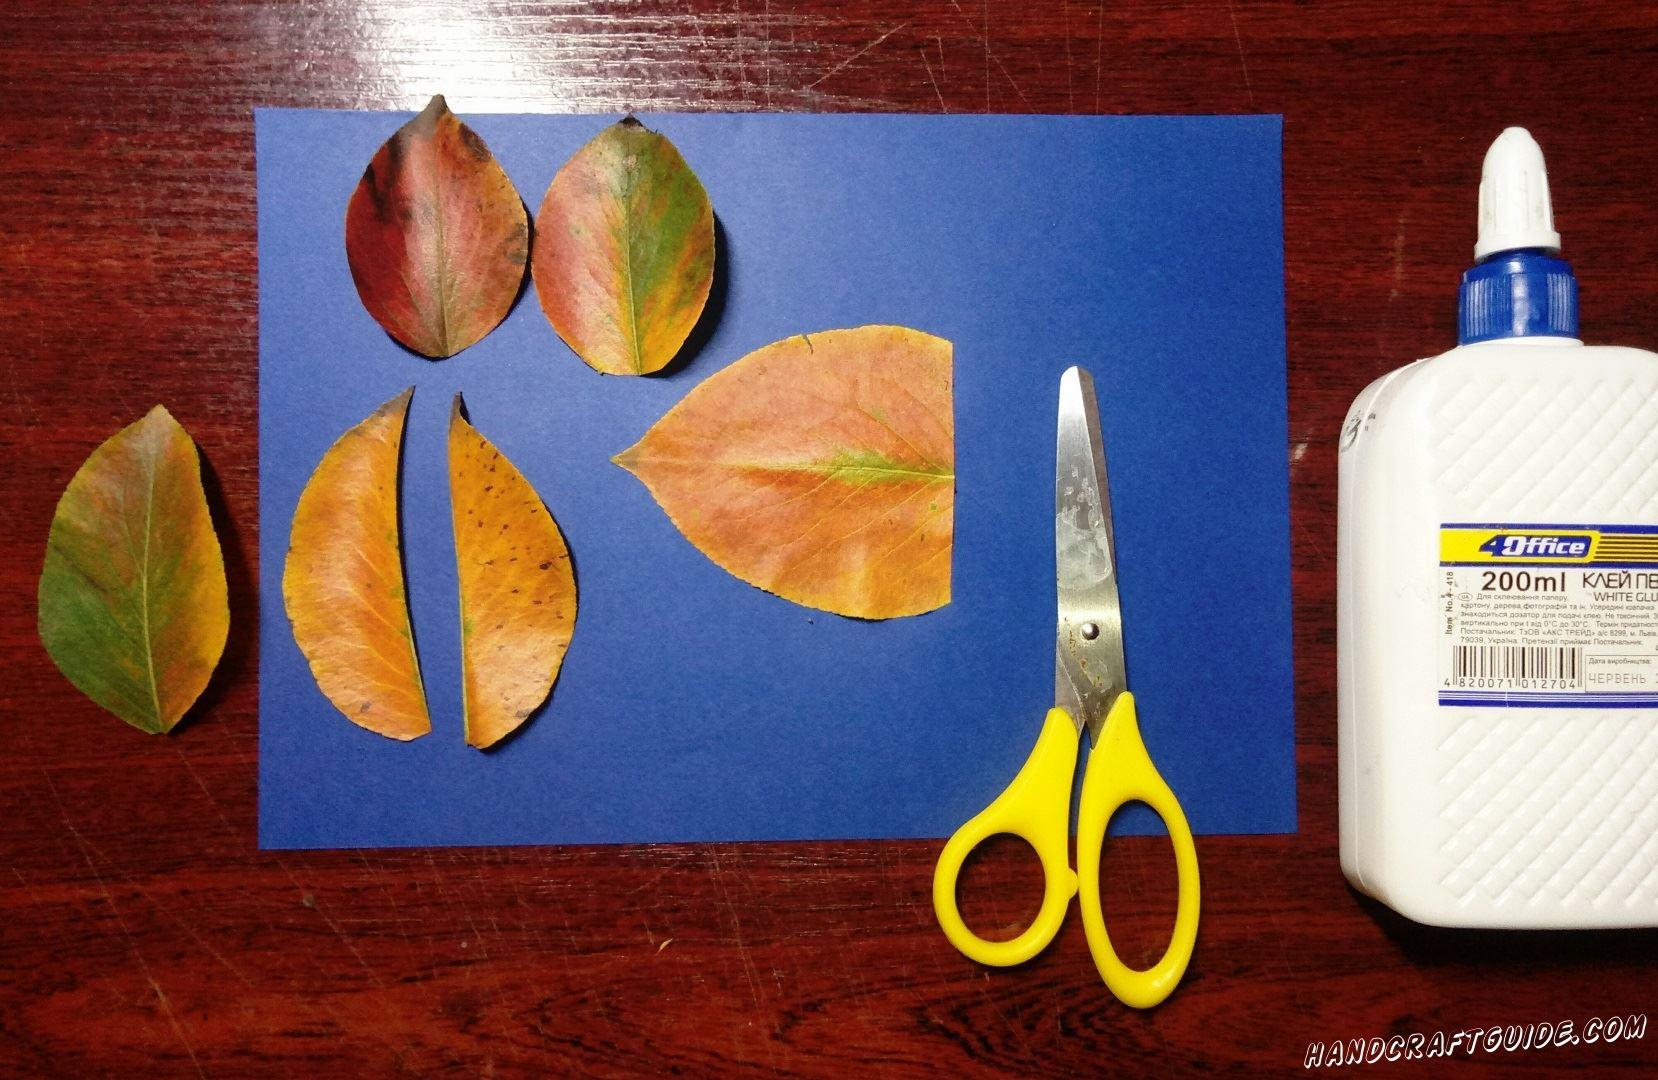 Сначала мы поработаем над формой двух осенних листочков: один листок мы обрезаем чуть ближе к нижней стороне, а второй разрезаем вдоль пополам. Ещё на одном листочке мы делаем ротик рыбки, но уже сбоку